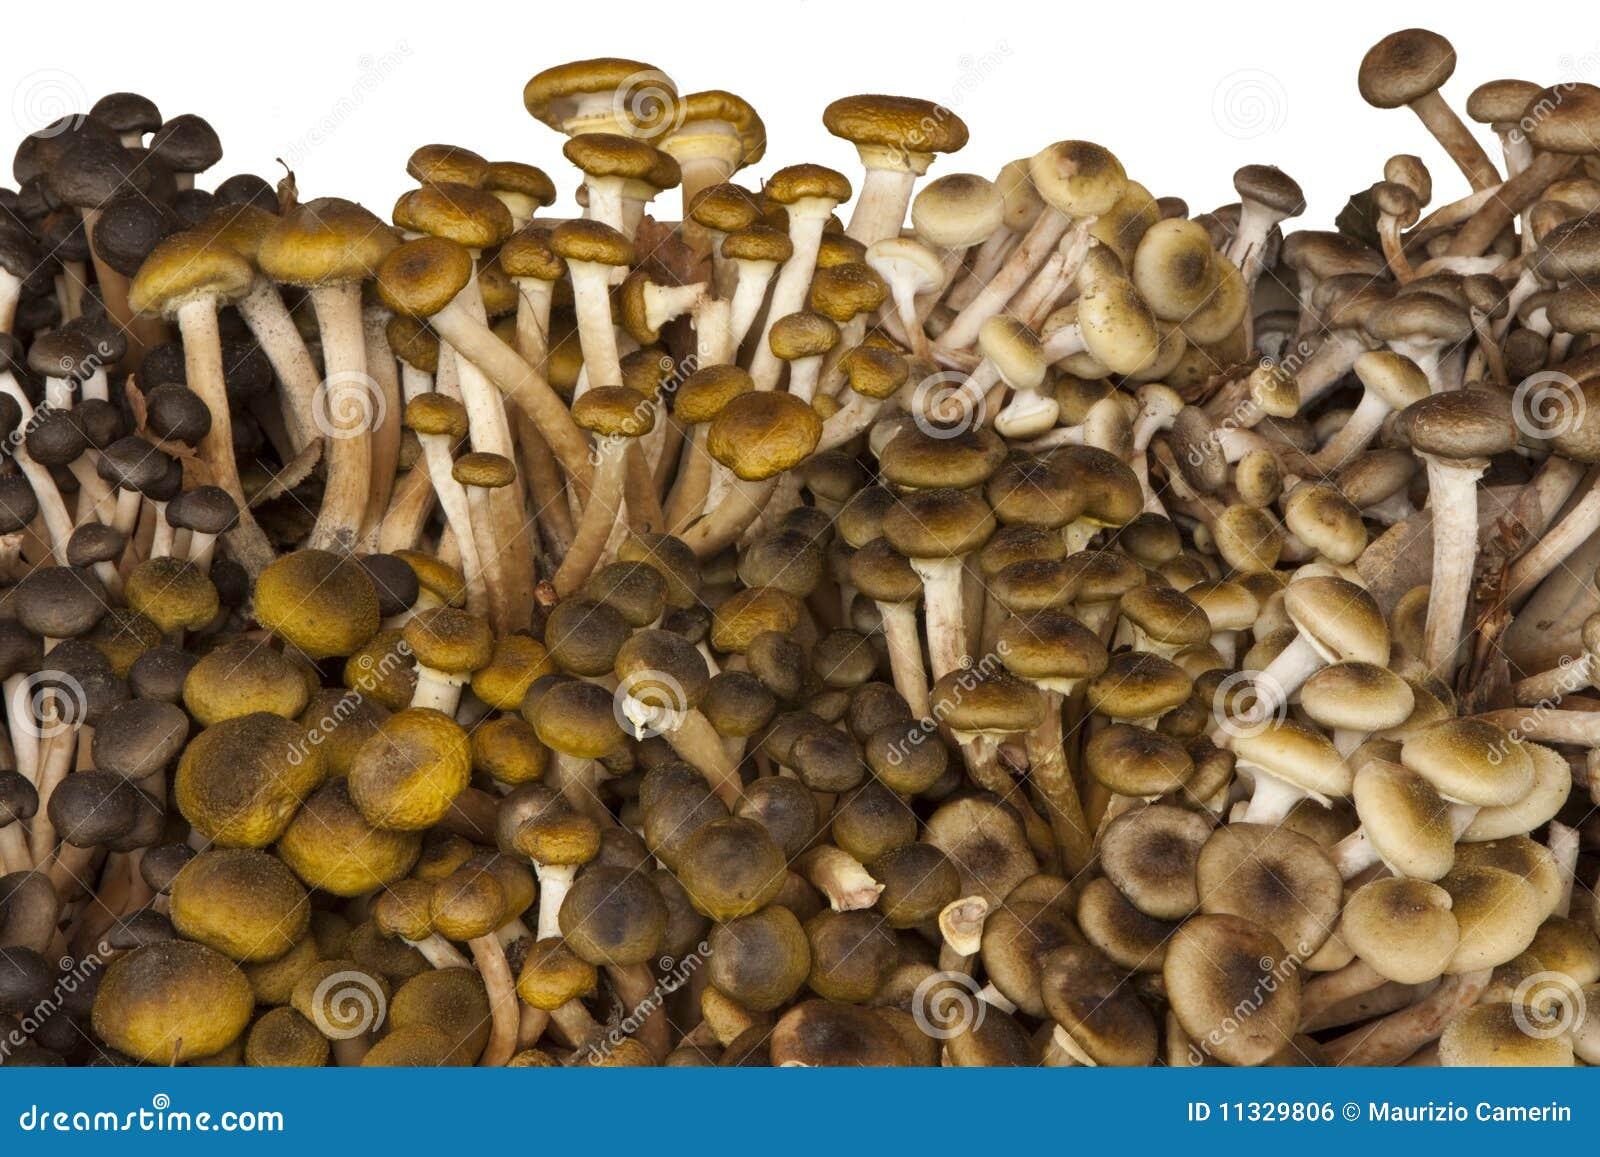 champignons de couche frais chiodini image libre de droits image 11329806. Black Bedroom Furniture Sets. Home Design Ideas